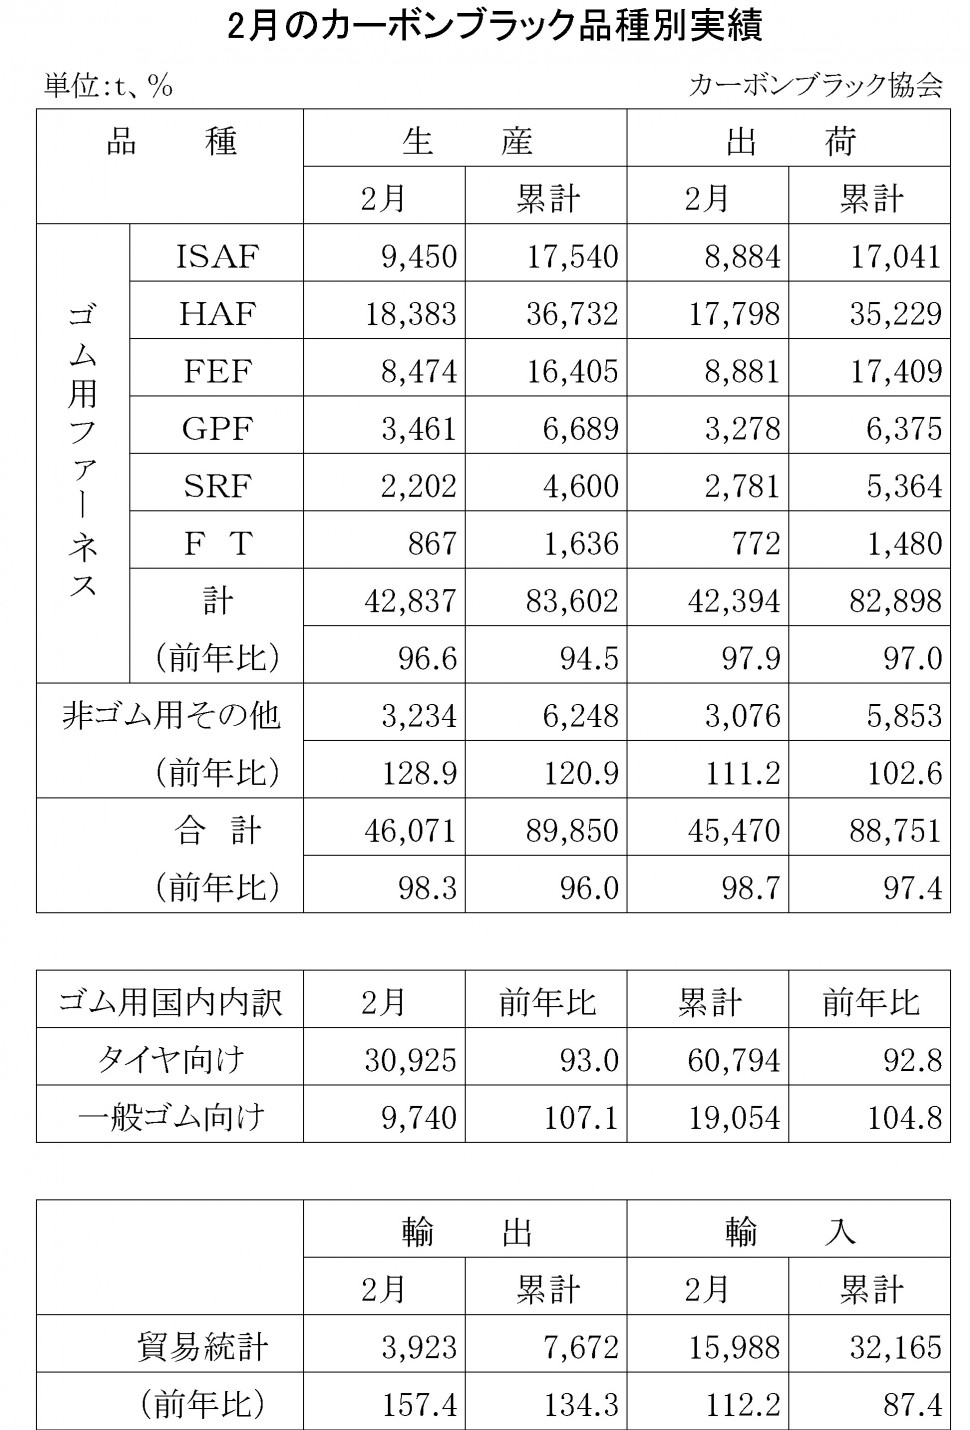 2016年2月のカーボンブラック品種別実績